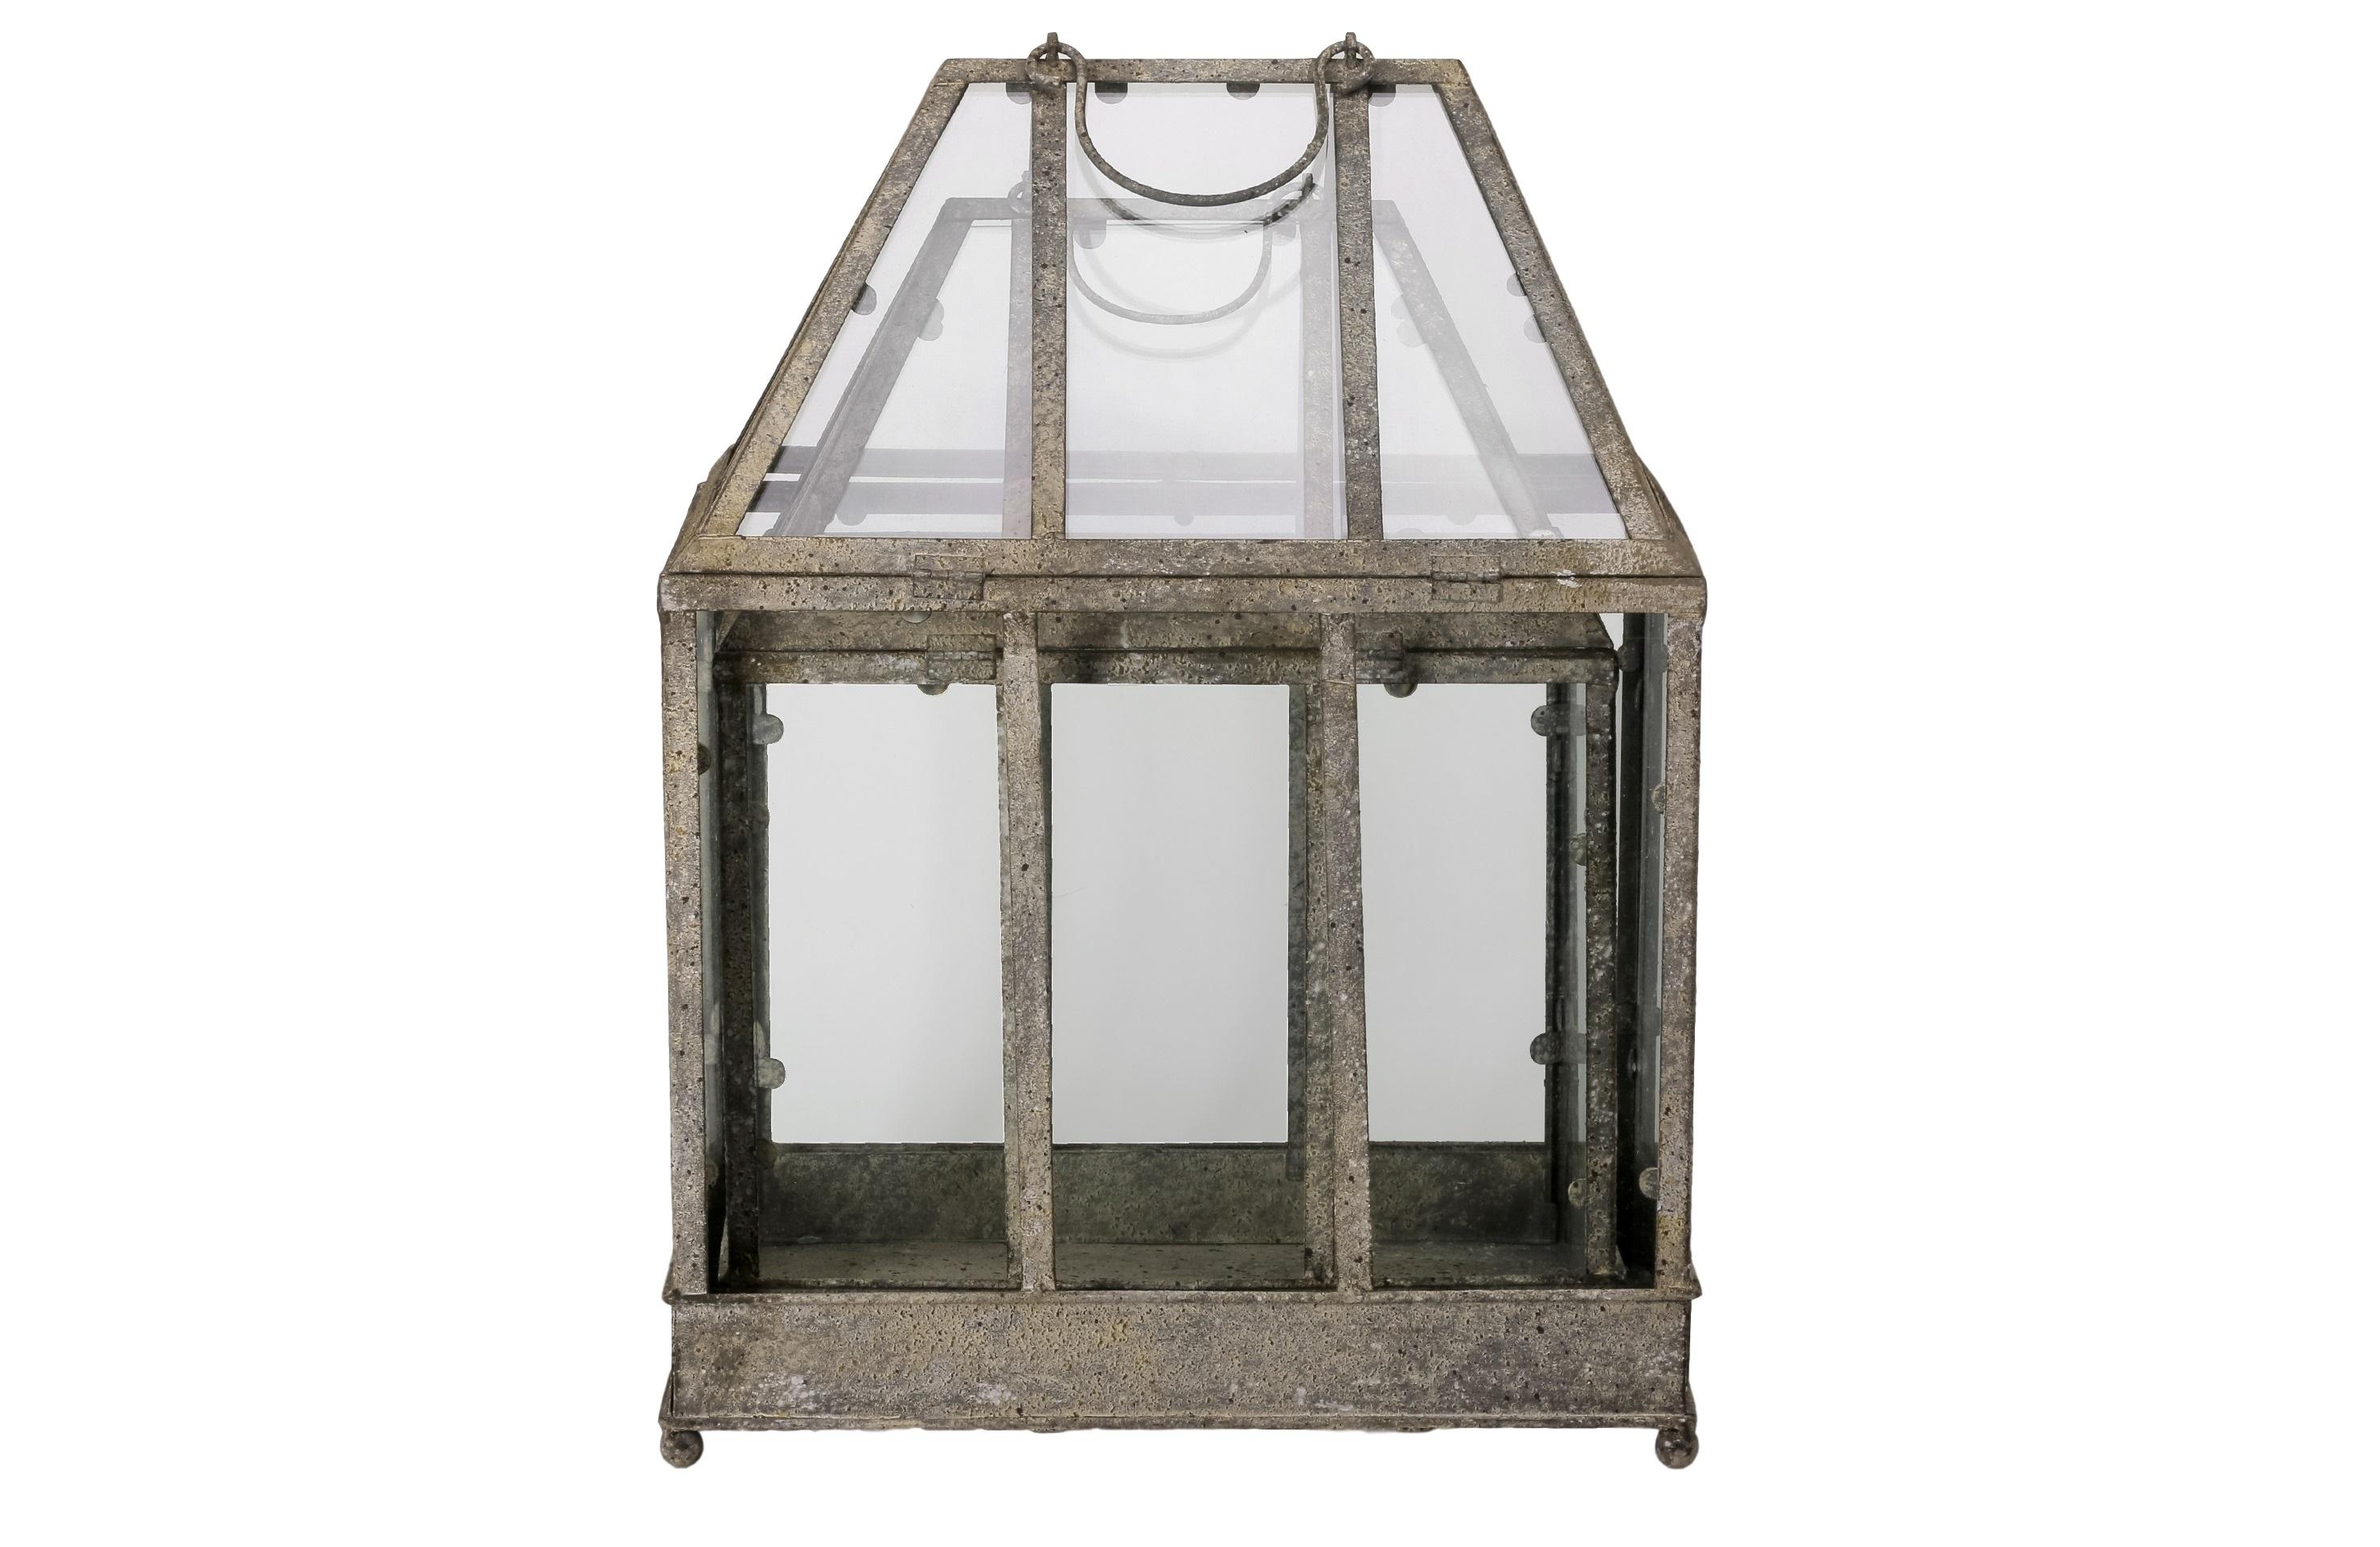 Фонарь (2шт)Подсвечники<br>Комплект фонарей из стекла и состаренного металла, в комплекте 2 шт разного размера.<br><br>&amp;lt;div&amp;gt;Размеры:&amp;amp;nbsp;&amp;lt;/div&amp;gt;&amp;lt;div&amp;gt;1)38.1x49.5x17.9&amp;lt;/div&amp;gt;&amp;lt;div&amp;gt;2)15x19.5x11&amp;lt;/div&amp;gt;&amp;lt;div&amp;gt;&amp;lt;br&amp;gt;&amp;lt;/div&amp;gt;<br><br>Material: Металл<br>Ширина см: 38<br>Высота см: 50<br>Глубина см: 28